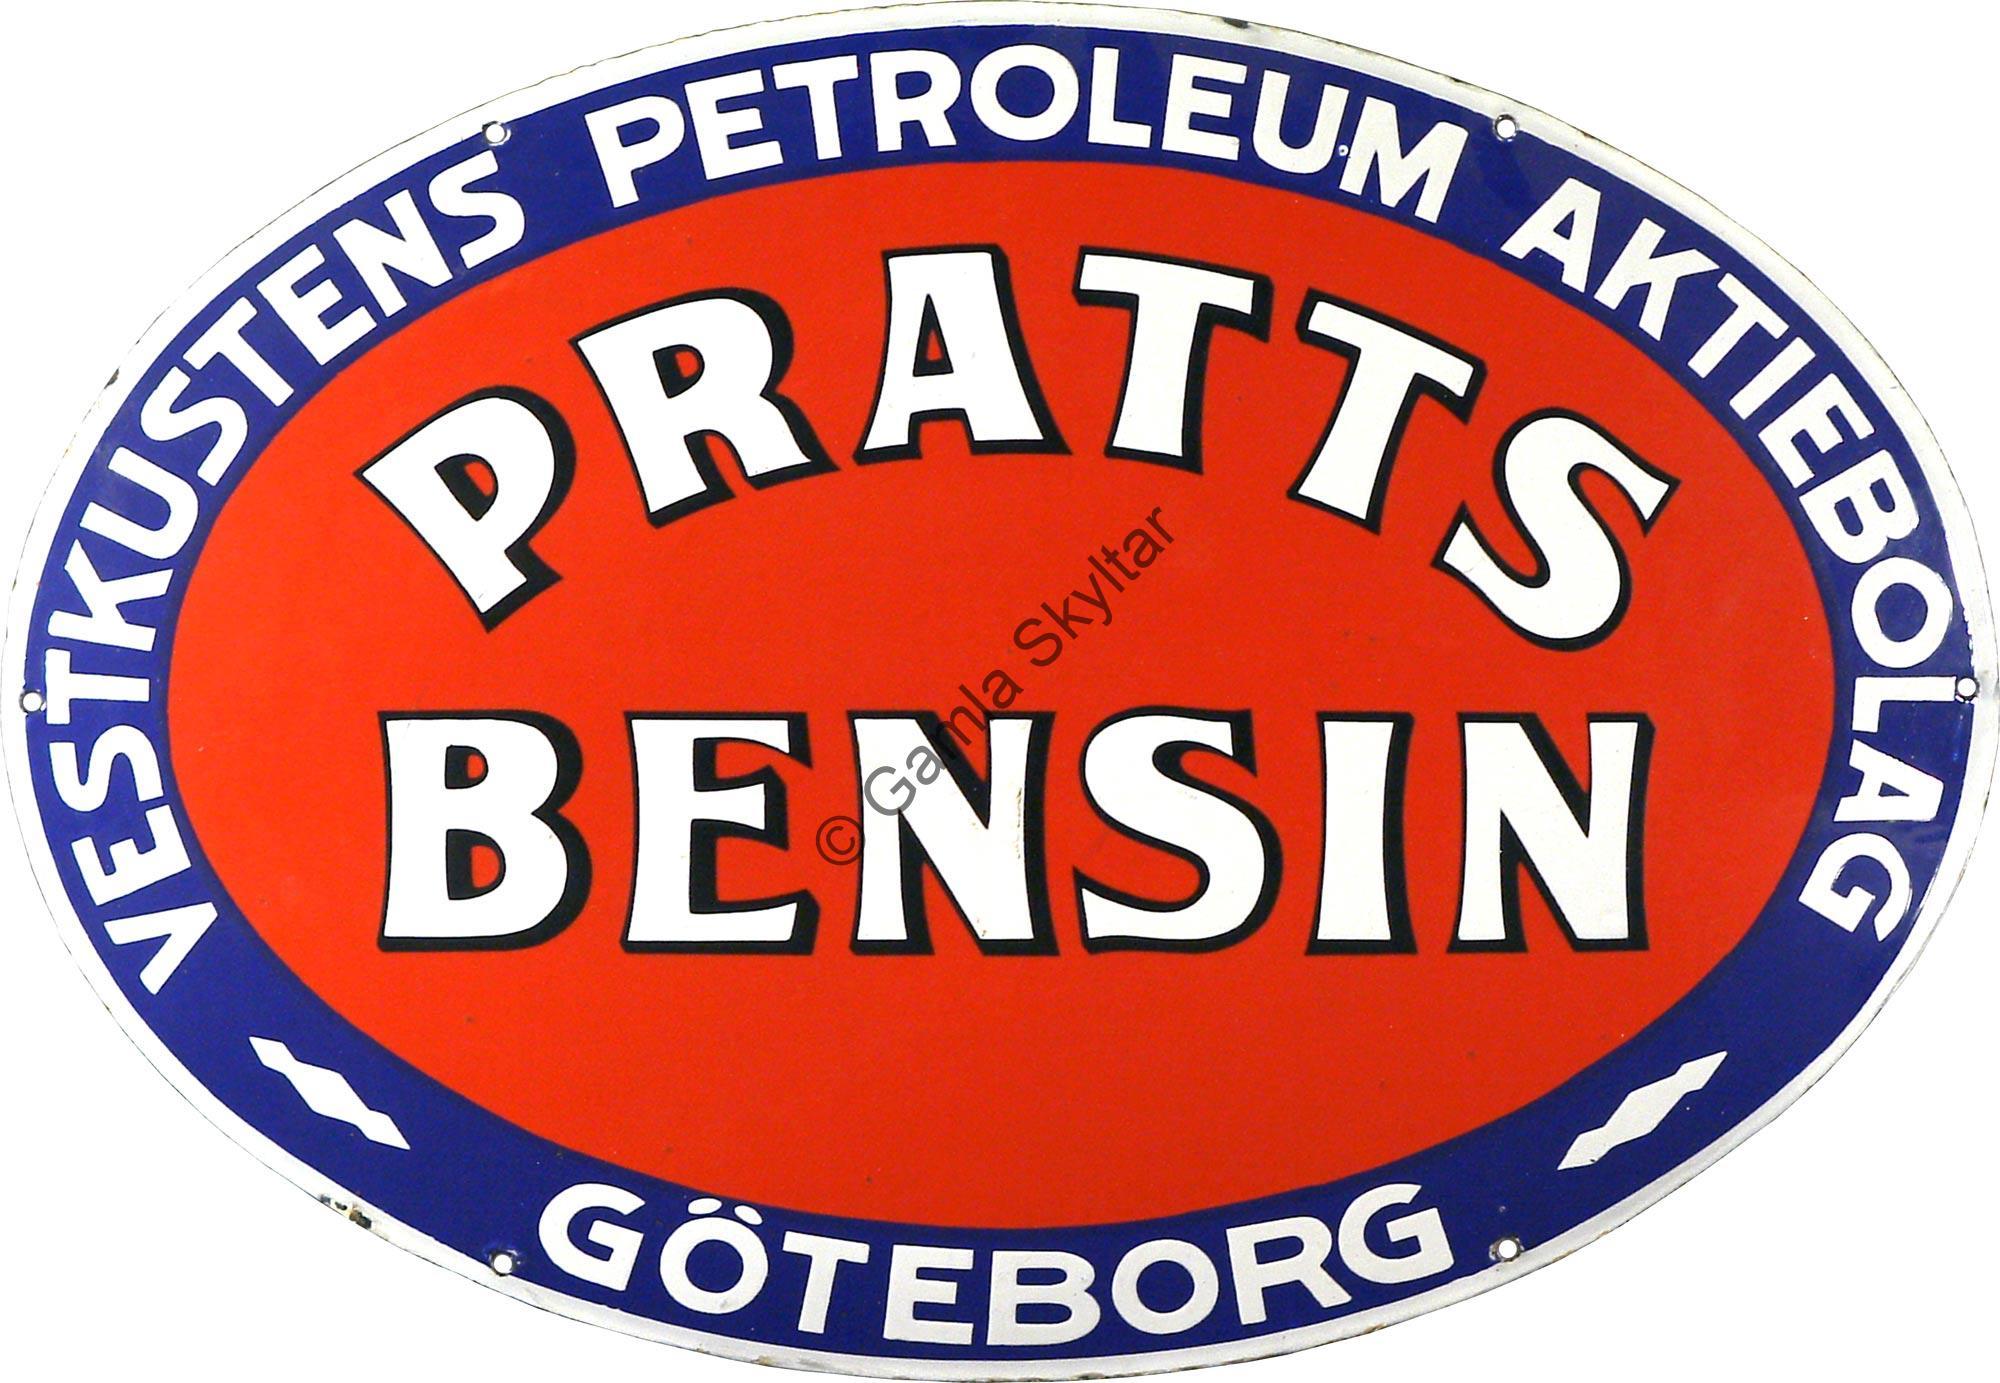 Pratts Bensin Göteborg - Gamla Skyltar 0d36743b7e156